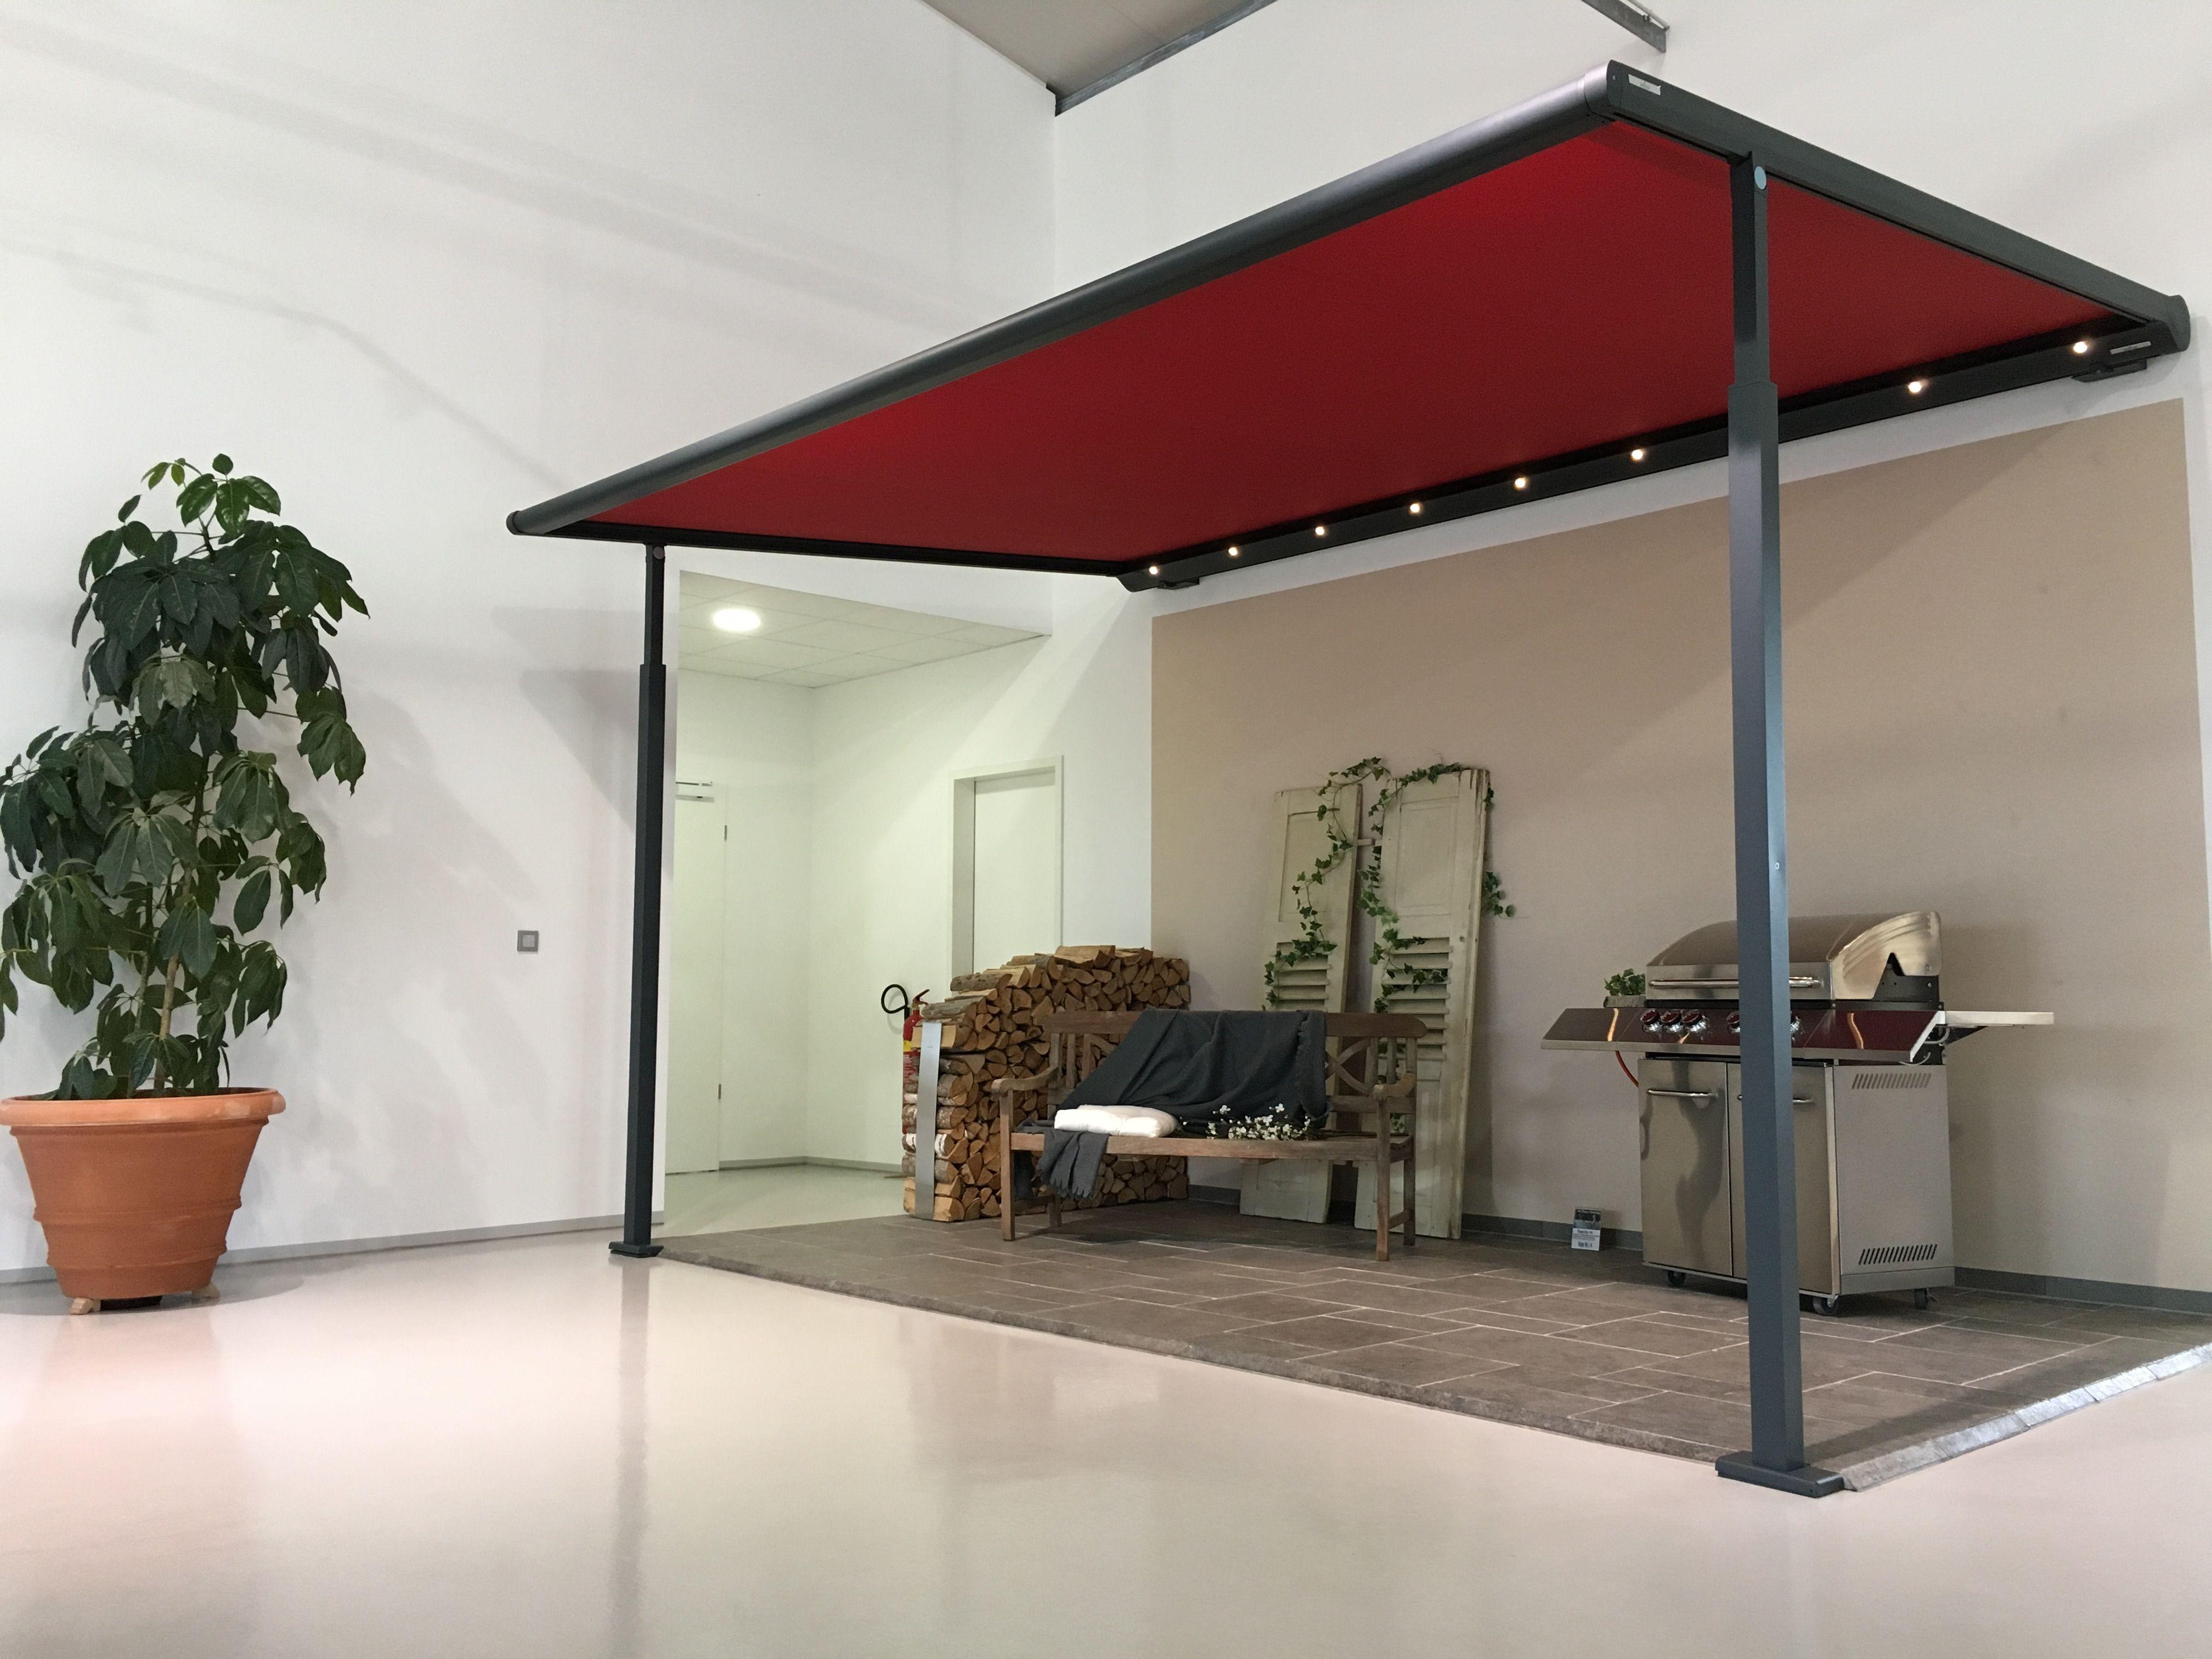 die neue pergola markise von weinor k nnen sie sich jetzt in unserer ausstellung in. Black Bedroom Furniture Sets. Home Design Ideas